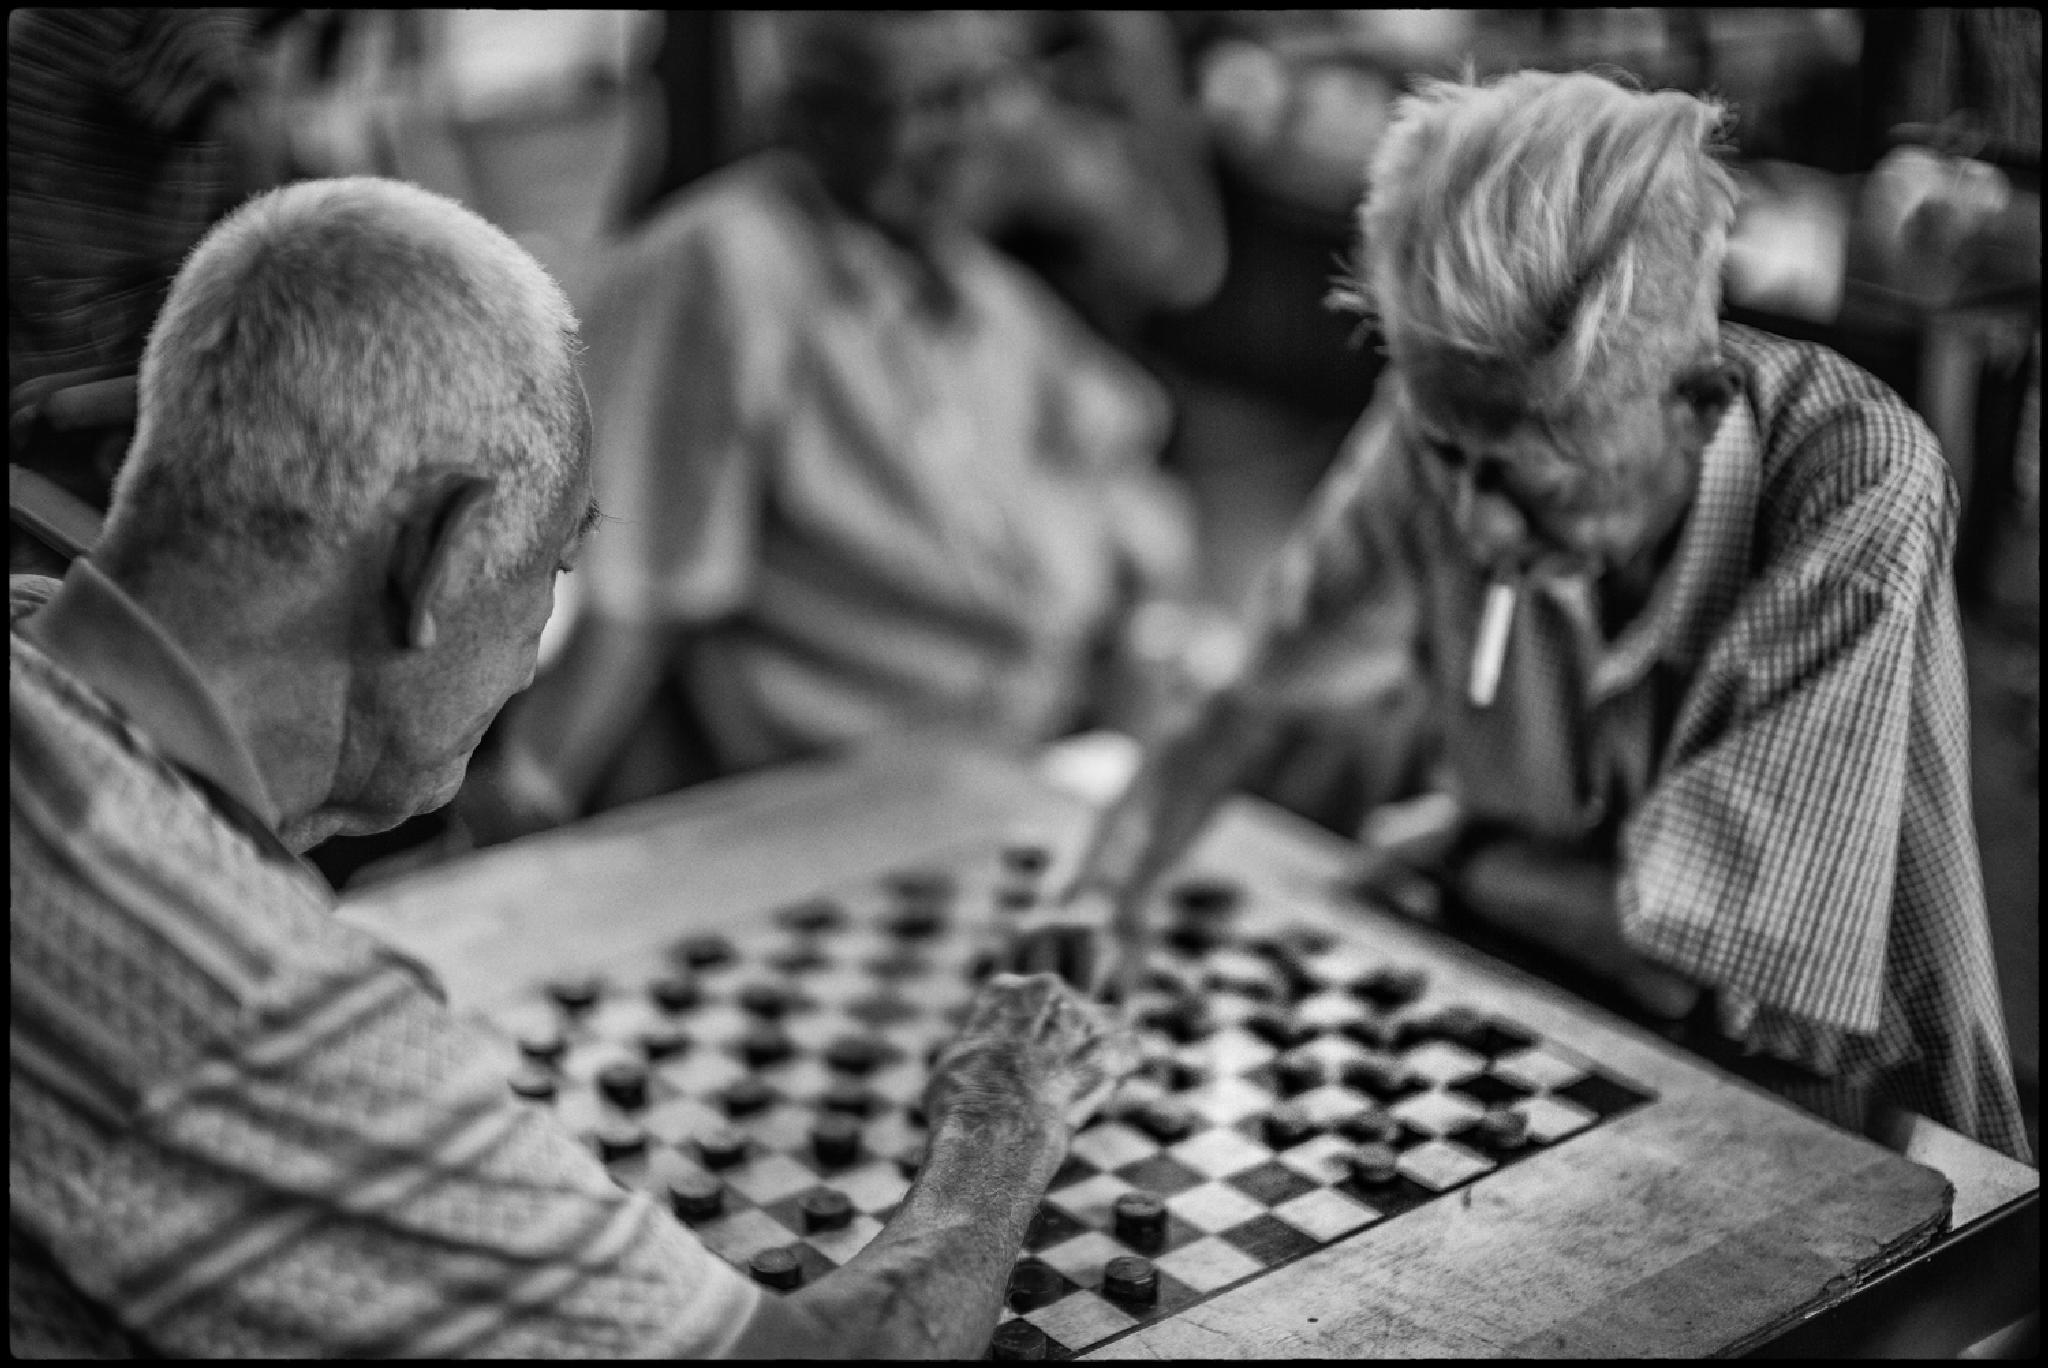 China Chess Match by Bob Chiu